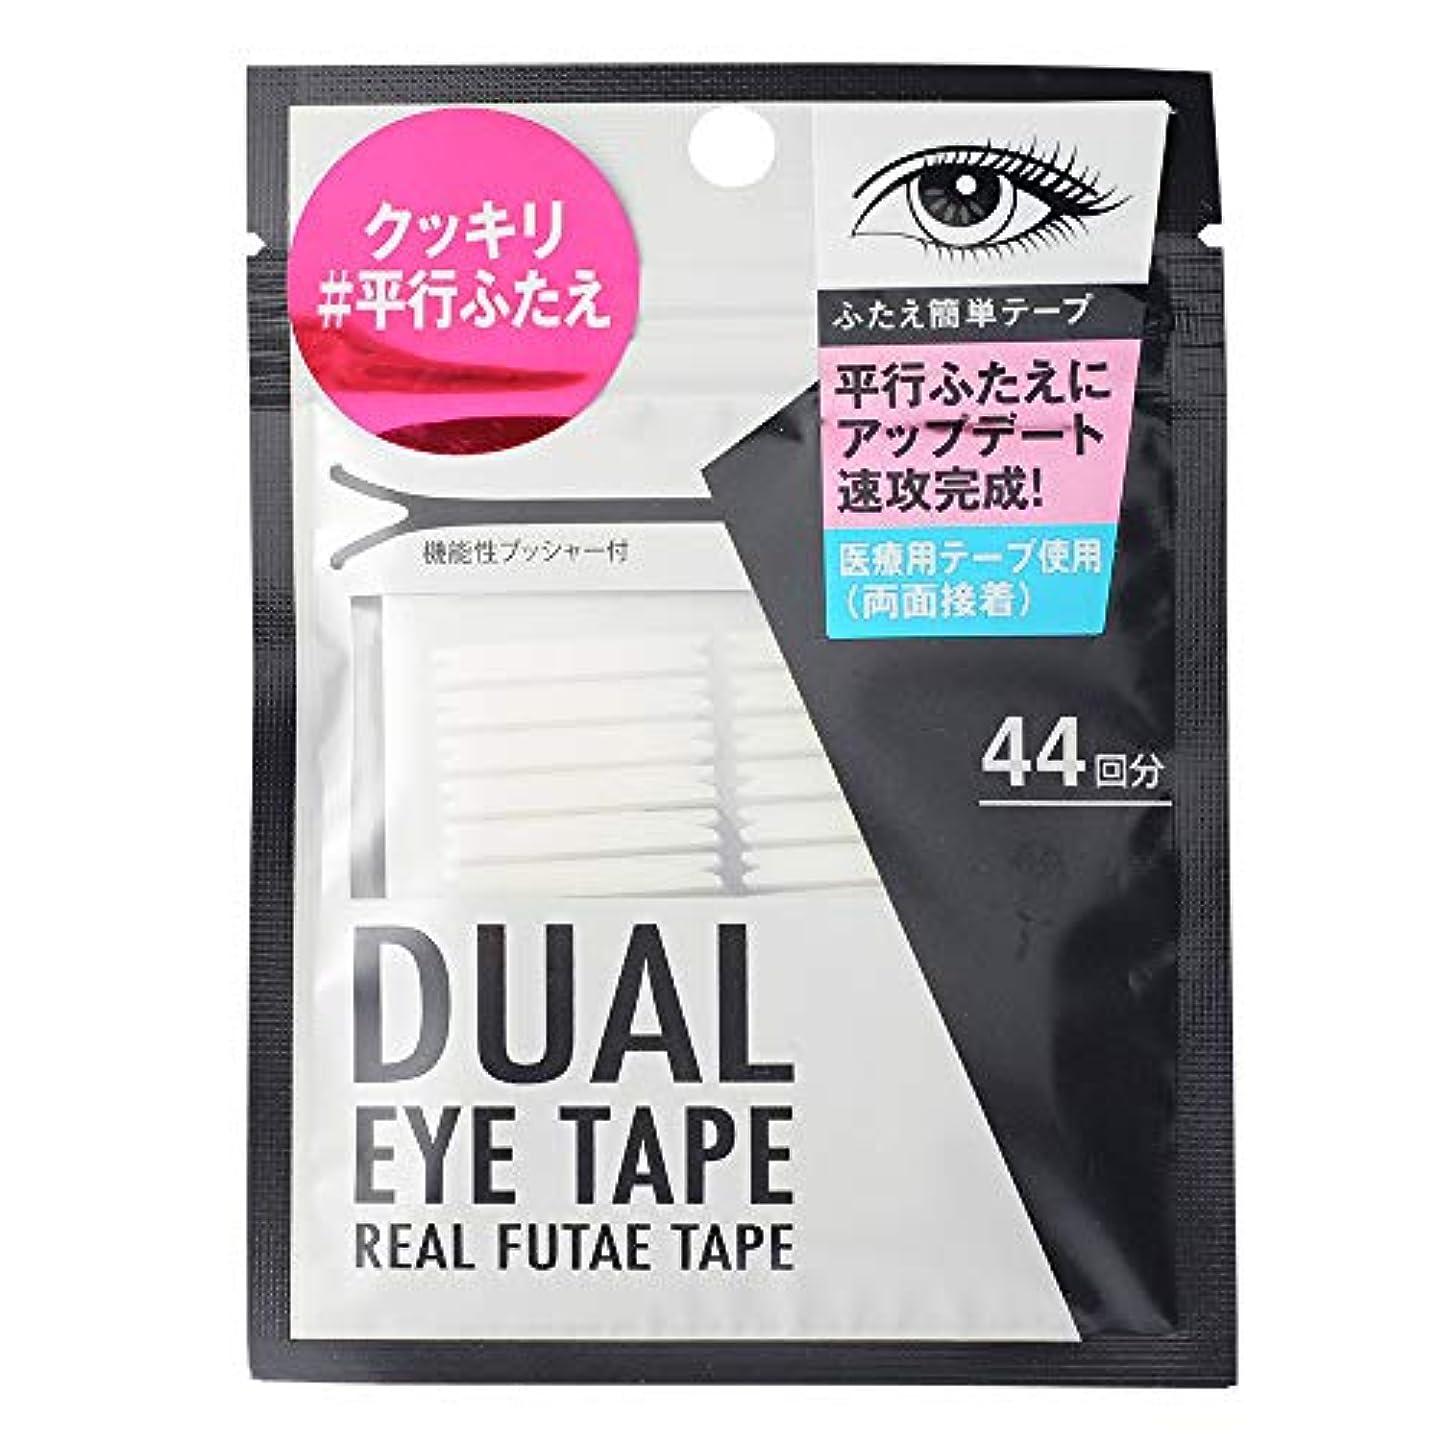 そよ風スピン生まれデュアルアイテープ (平行ふたえ両面接着テープ) (44回分)